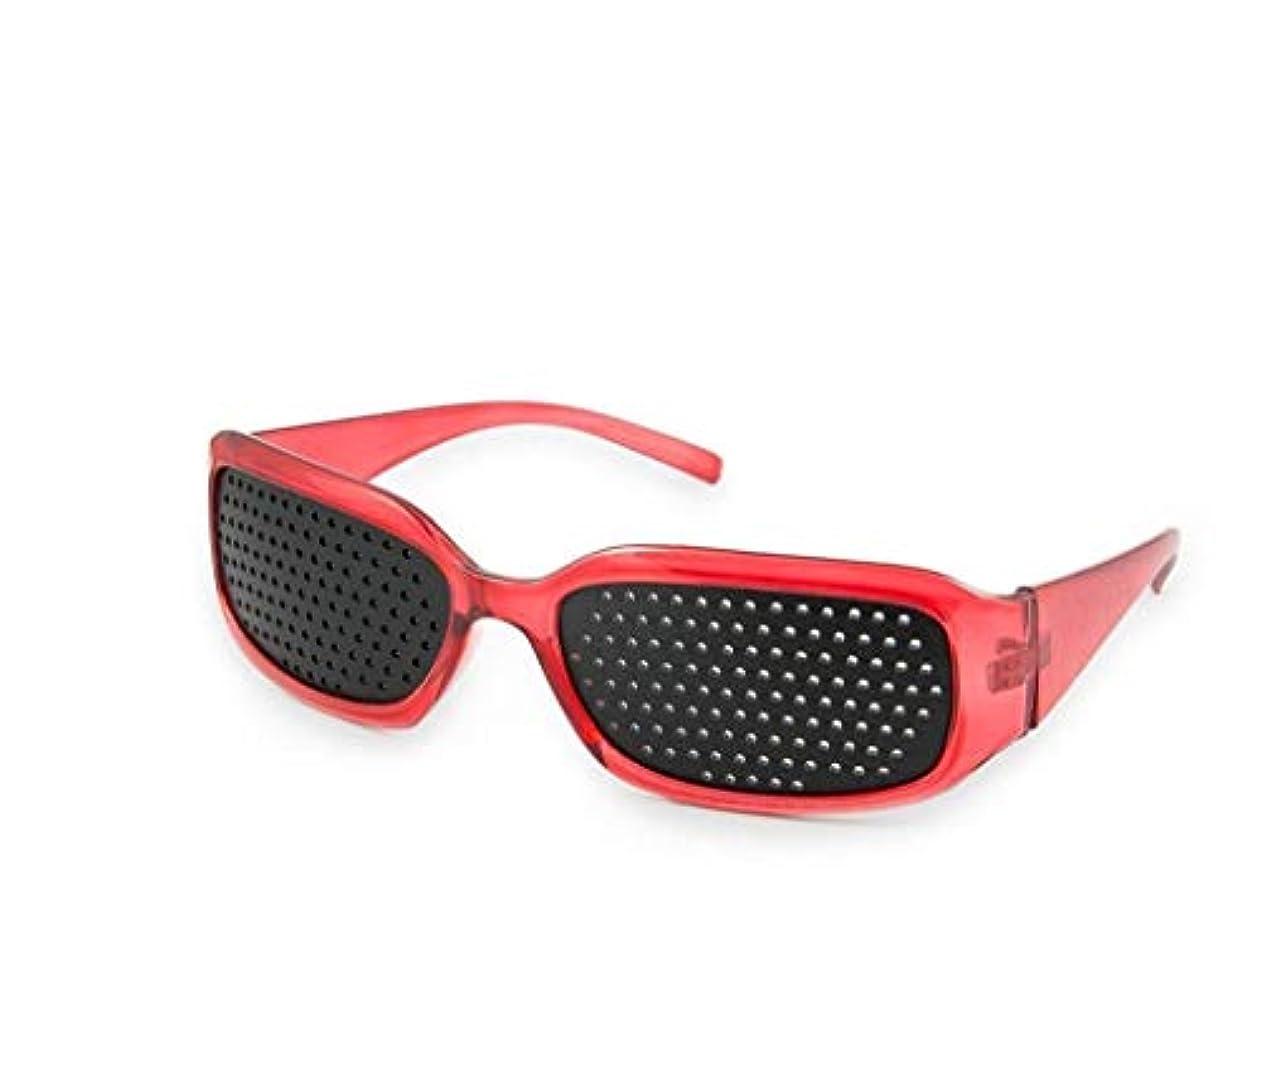 ママ接地消費ユニセックス視力ビジョンケアビジョンピンホールメガネアイズエクササイズファッションナチュラル (Color : 赤)